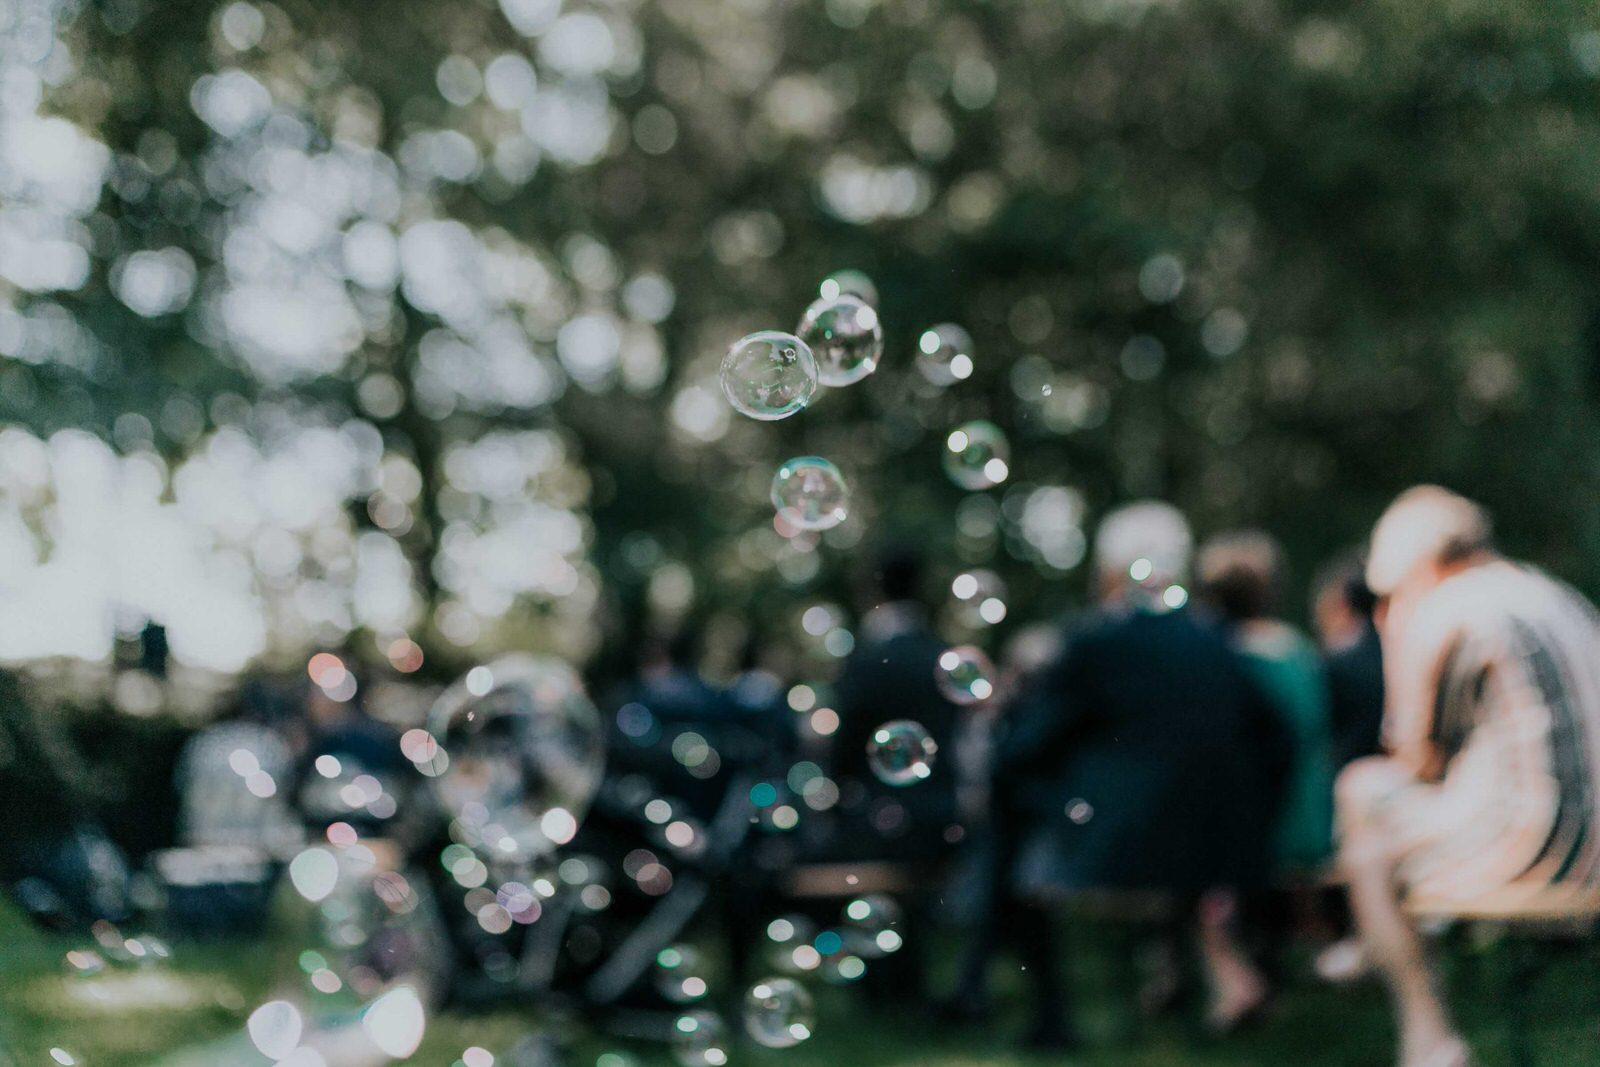 FOREVER-FANNY-MYARD-MARIAGE-PHOTOGRAPHE-182-1-scaled-1